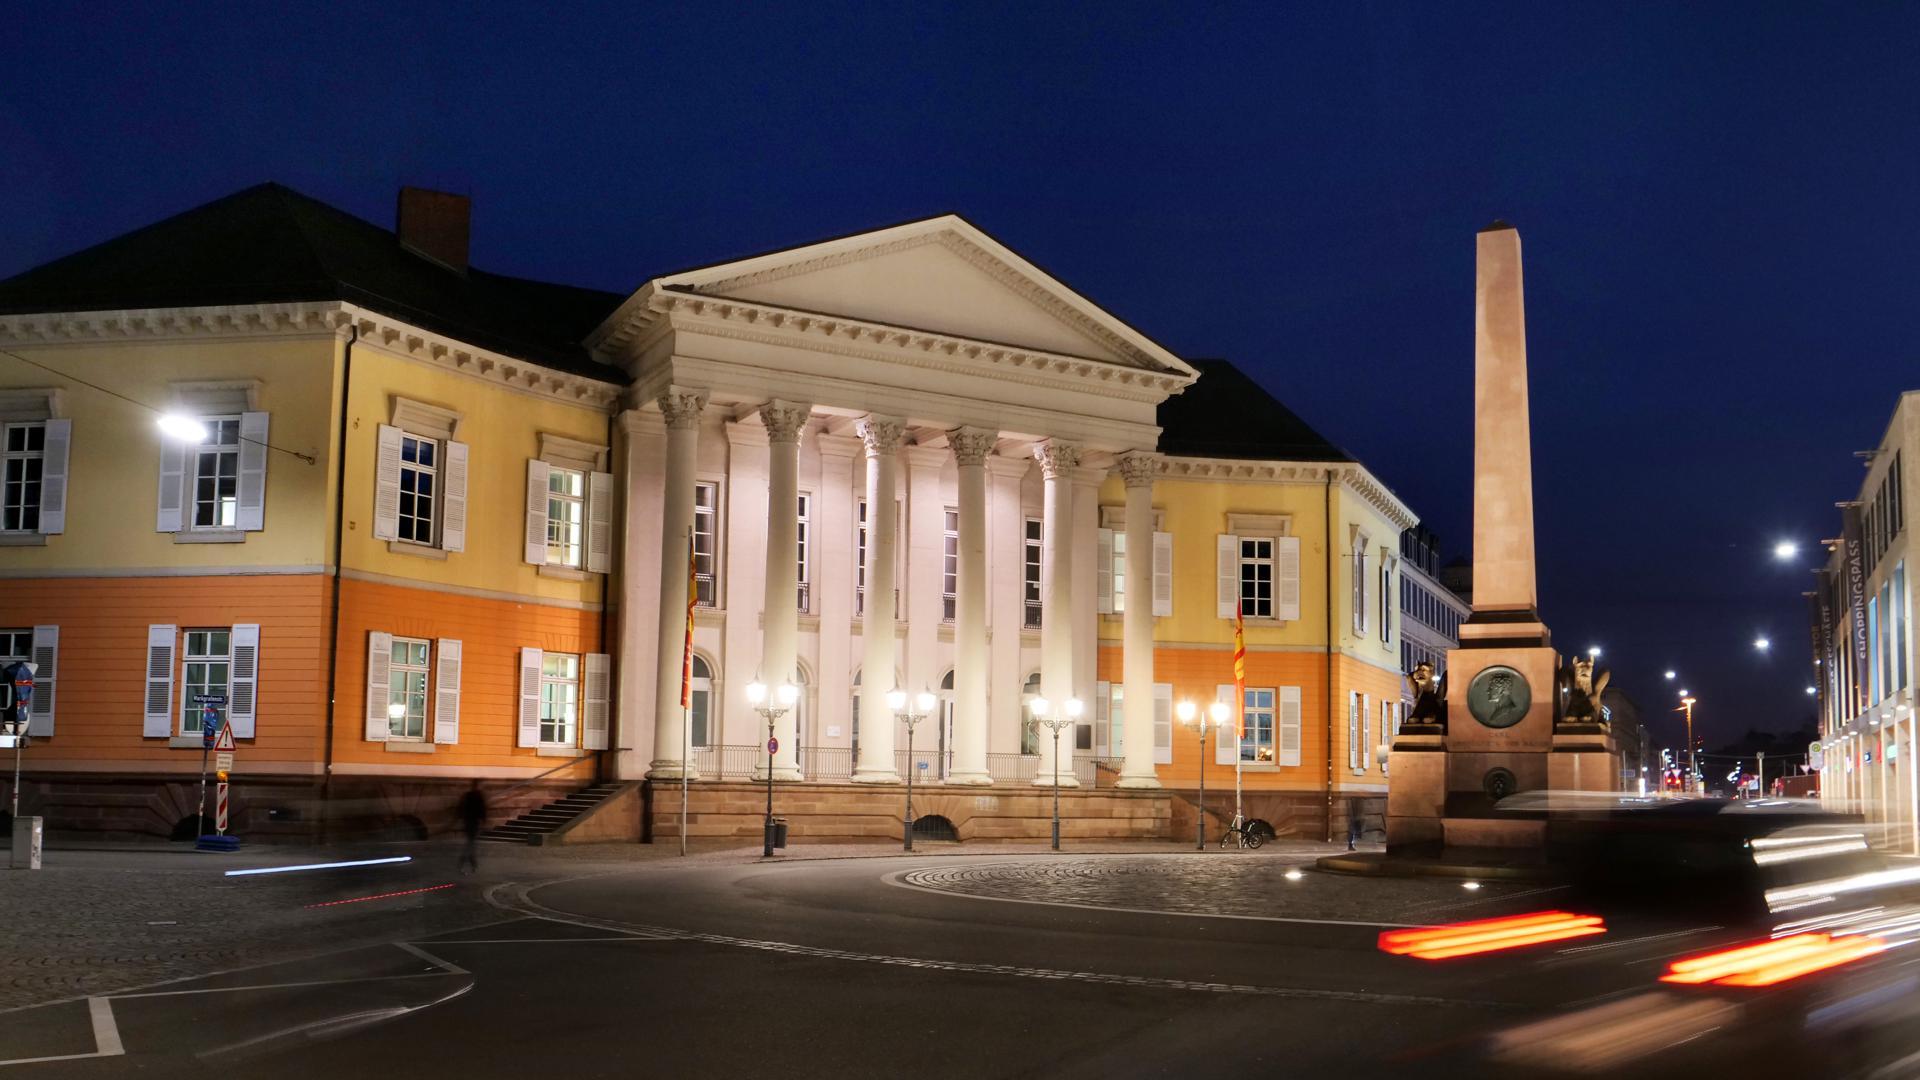 Das Markgräfliche Palais: Der Säulenbau von Weinbrenner am Rondellplatz gilt als architektonischer Schatz der Stadt. Das Haus steht zum Verkauf. Vielleicht wird es  bald bundesweit als Forum Recht bekannt.